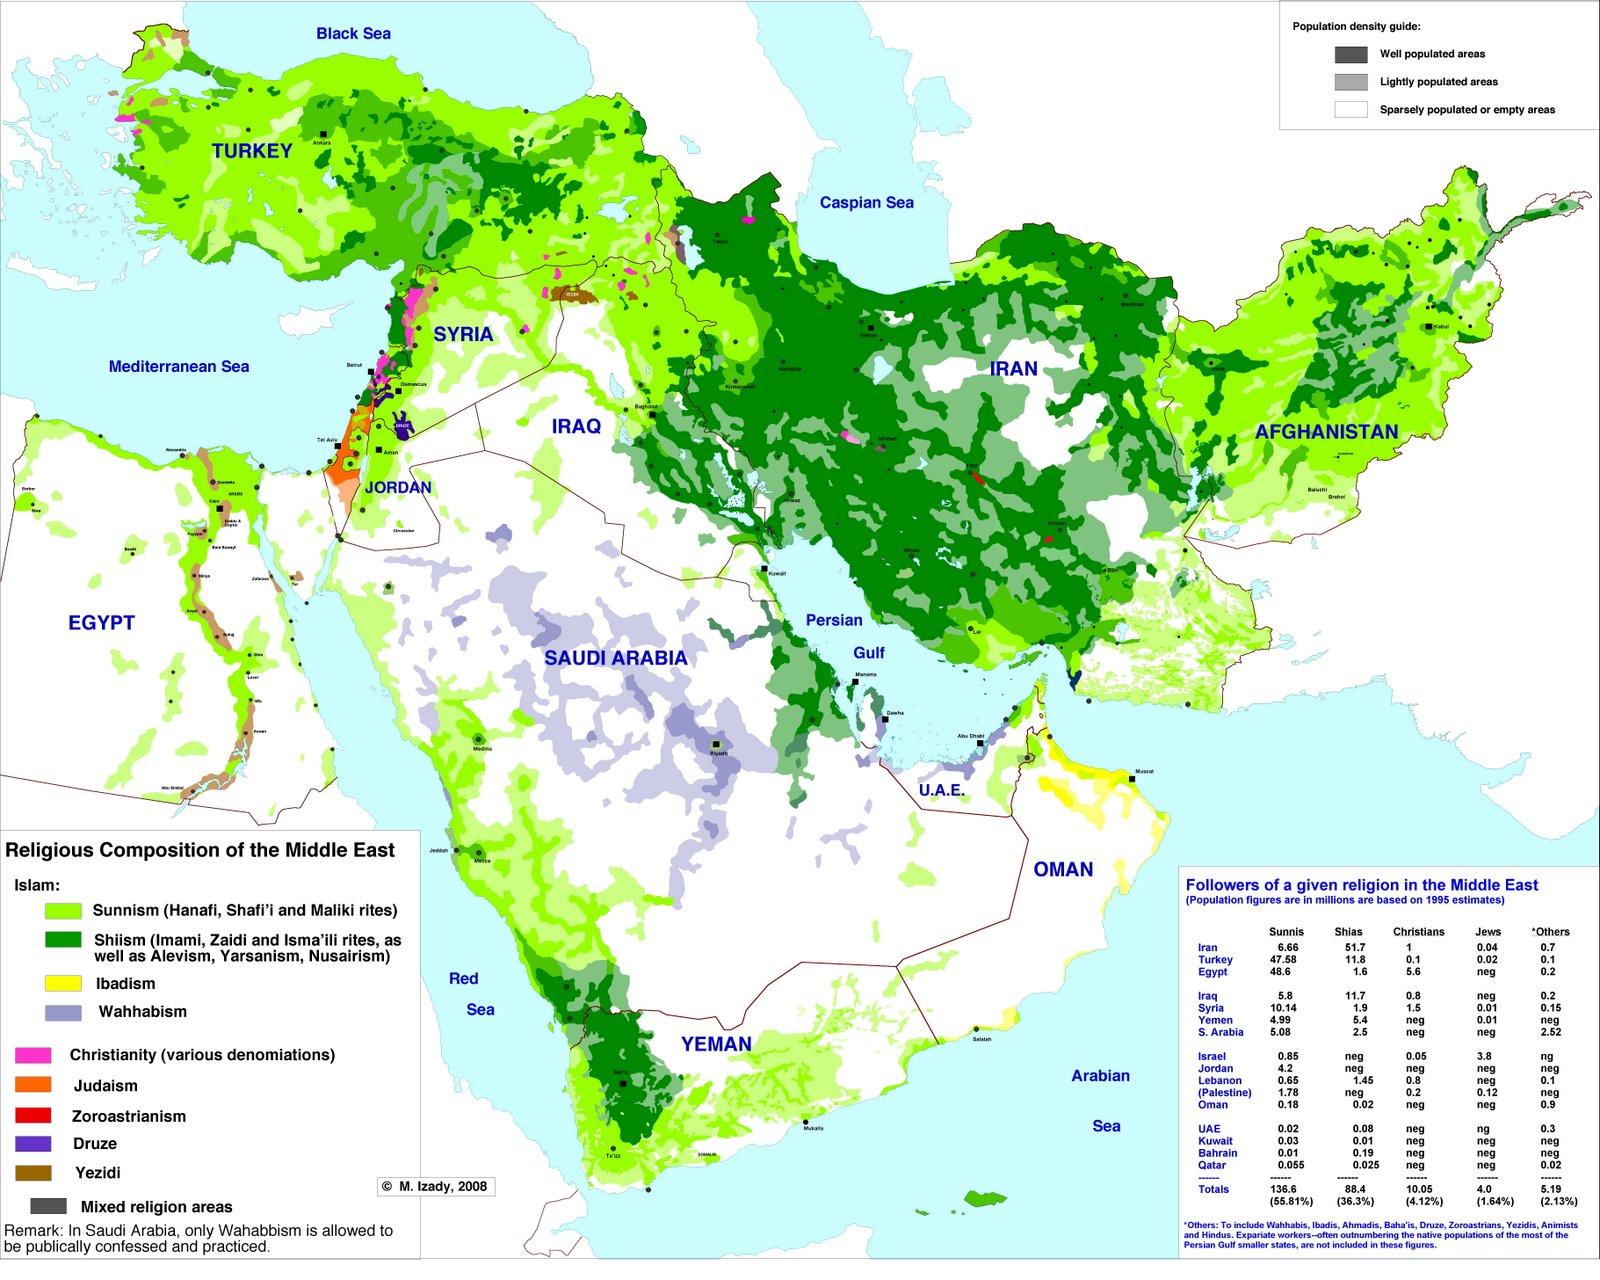 Religiones en Oriente Medio